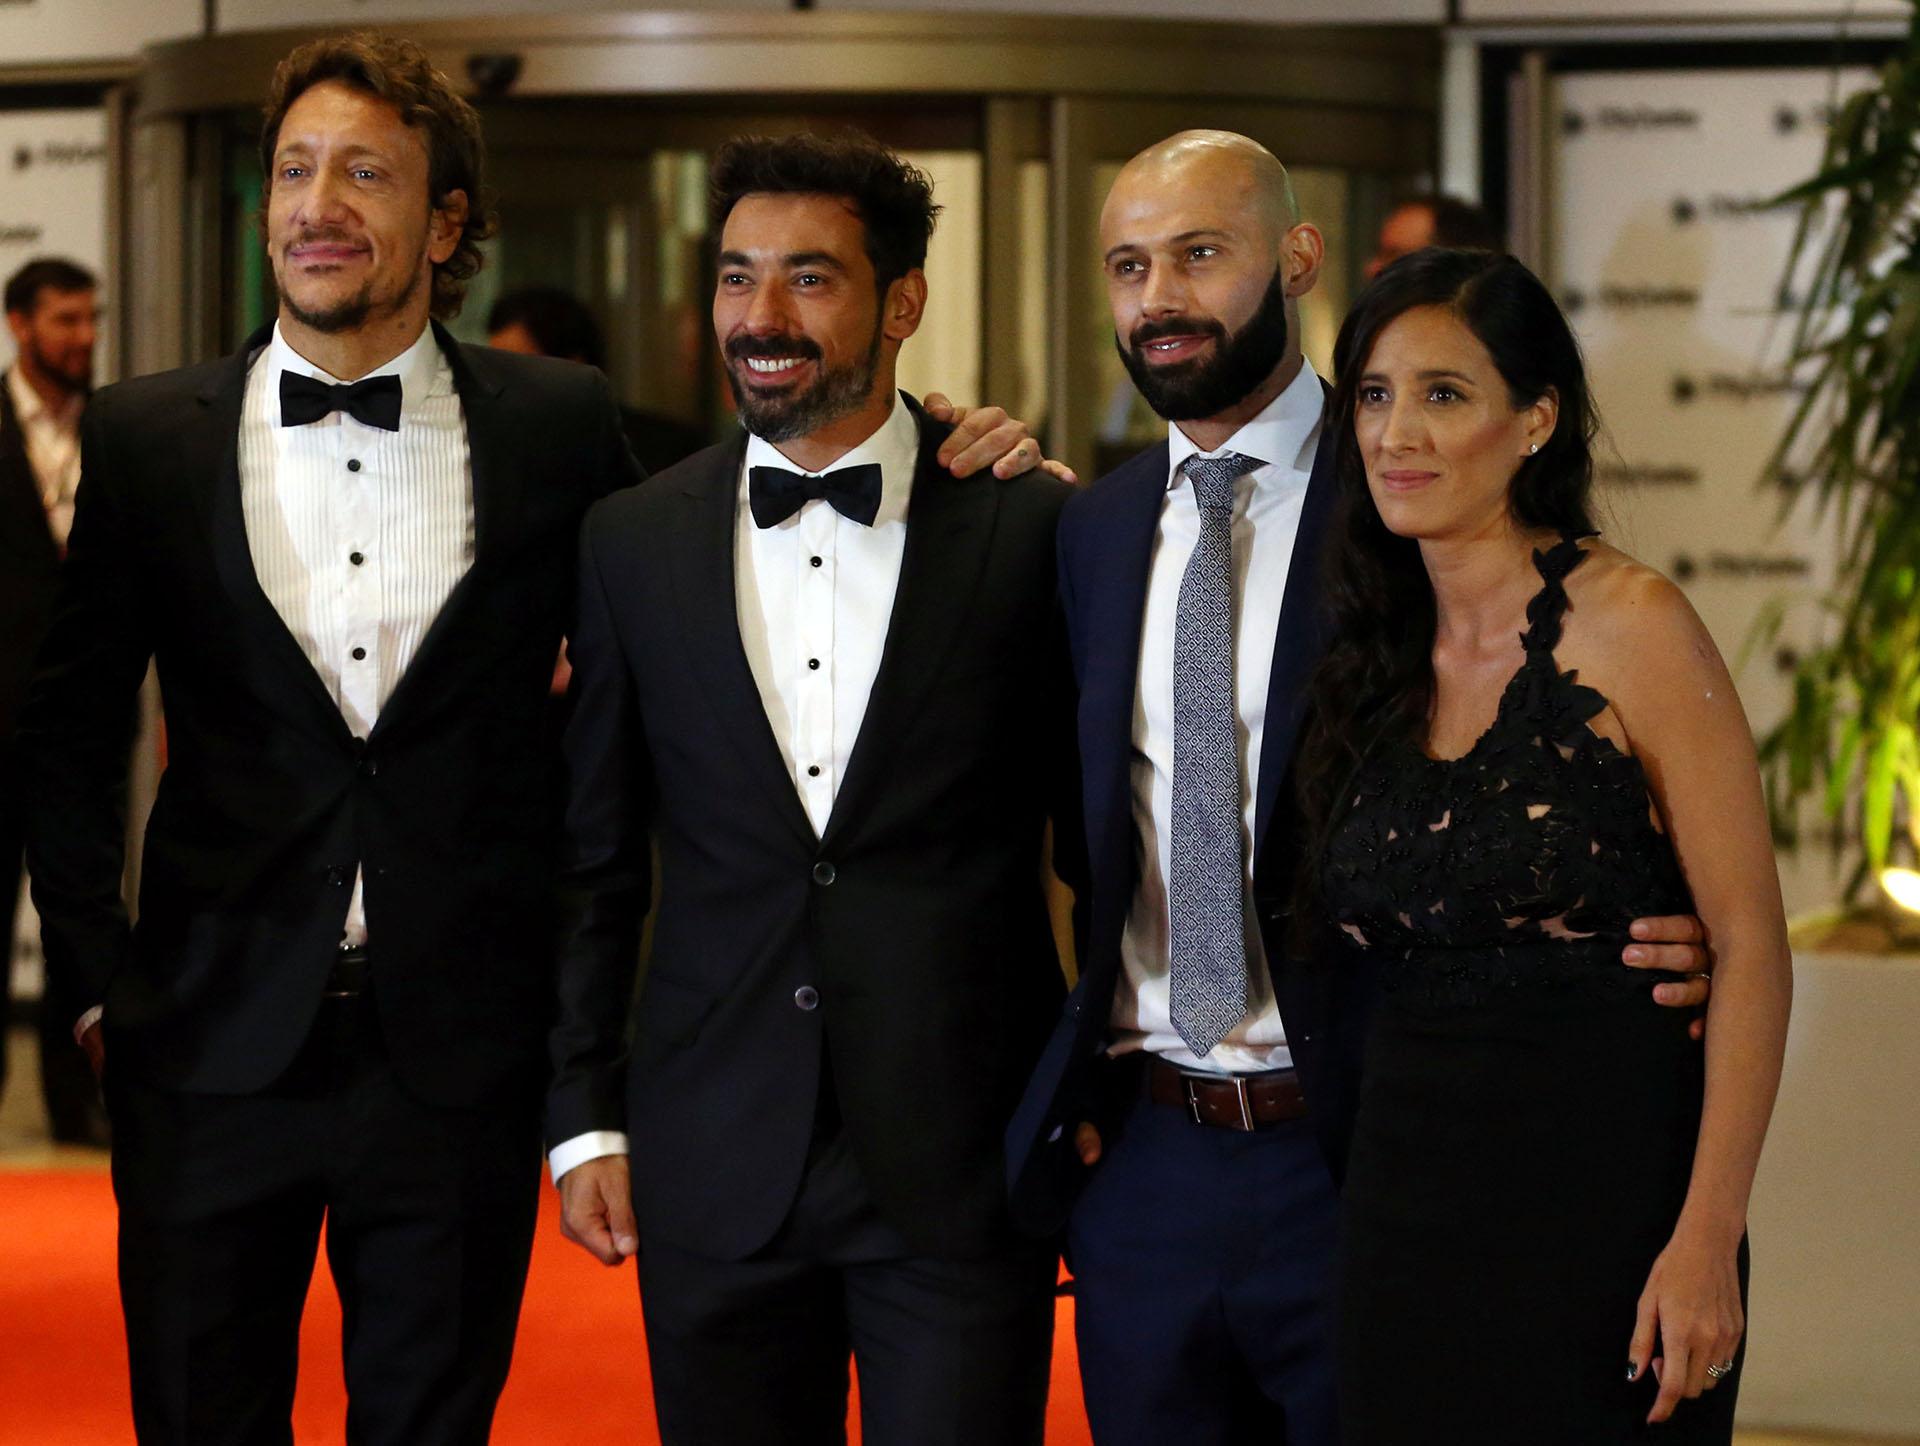 El actor Nicolas Vázquez y los jugadores Ezequiel Lavezzi y Javier Mascherano, éste junto a su esposa Fernanda